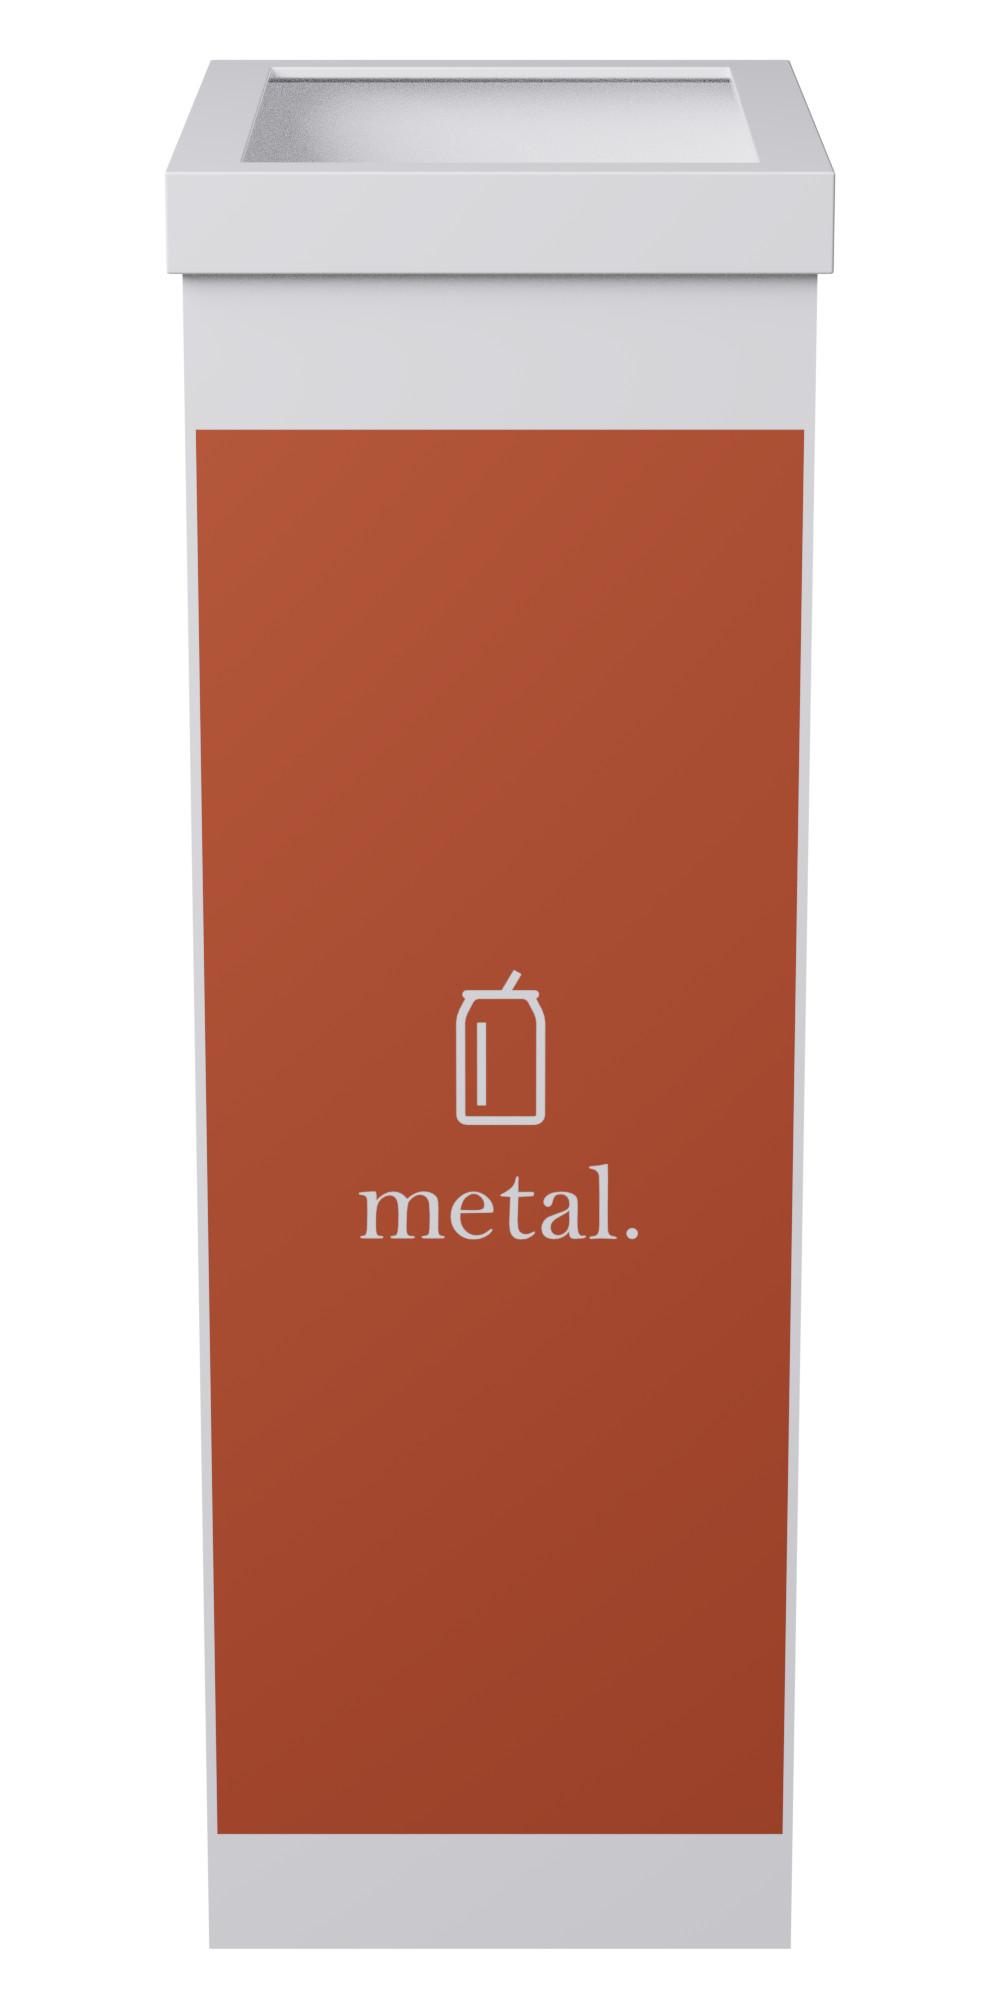 Corbeille de tri sélectif pour le métal